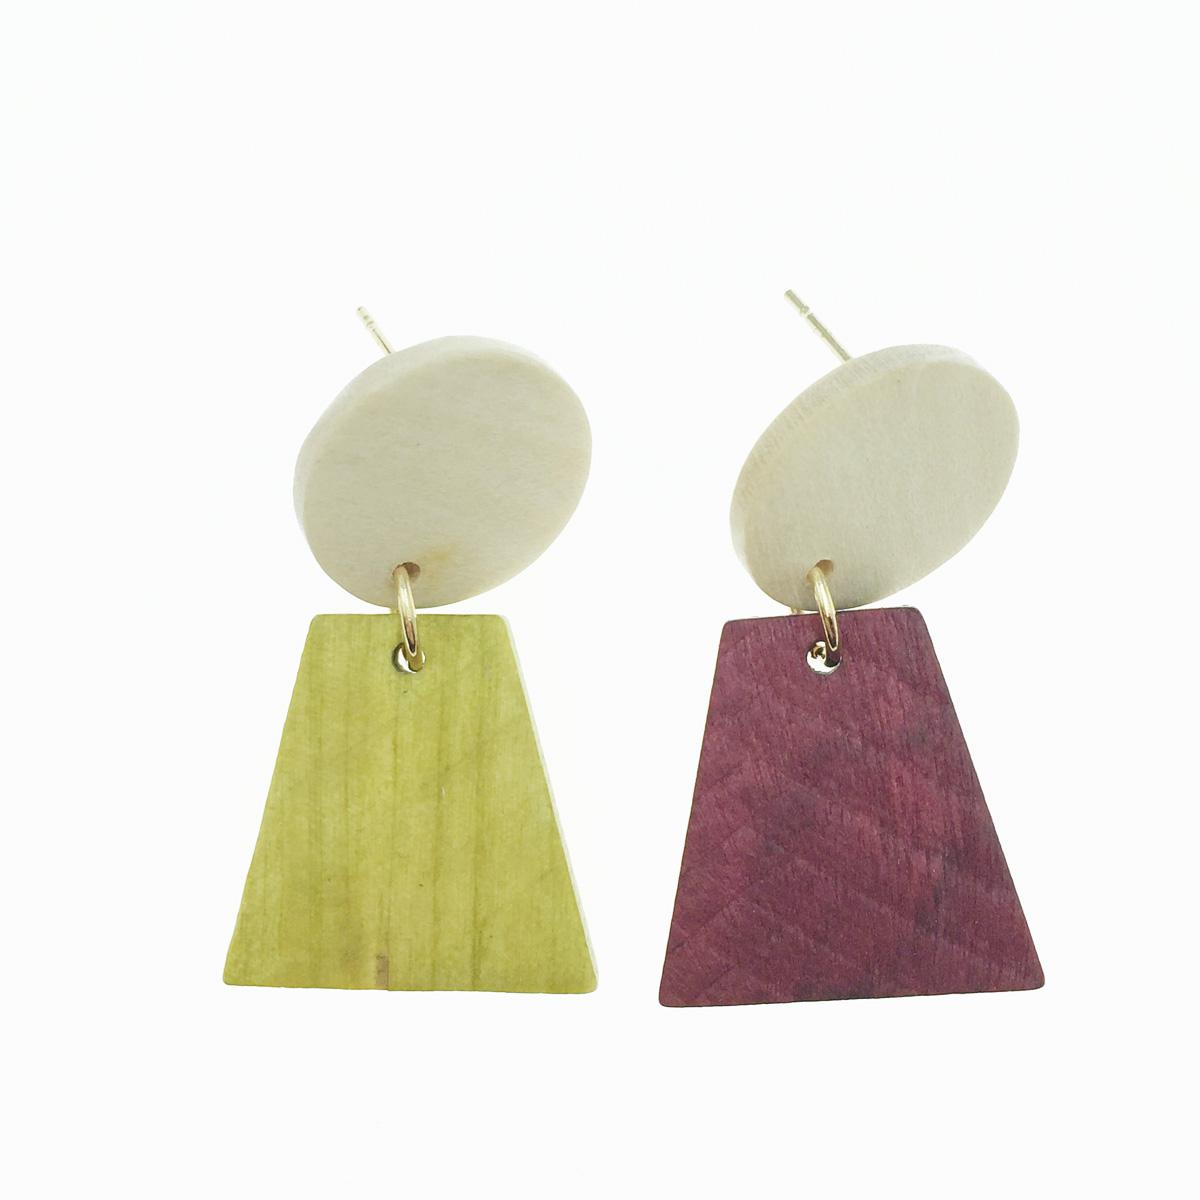 韓國 圓形 梯形 木頭感 垂墜感 耳針式耳環